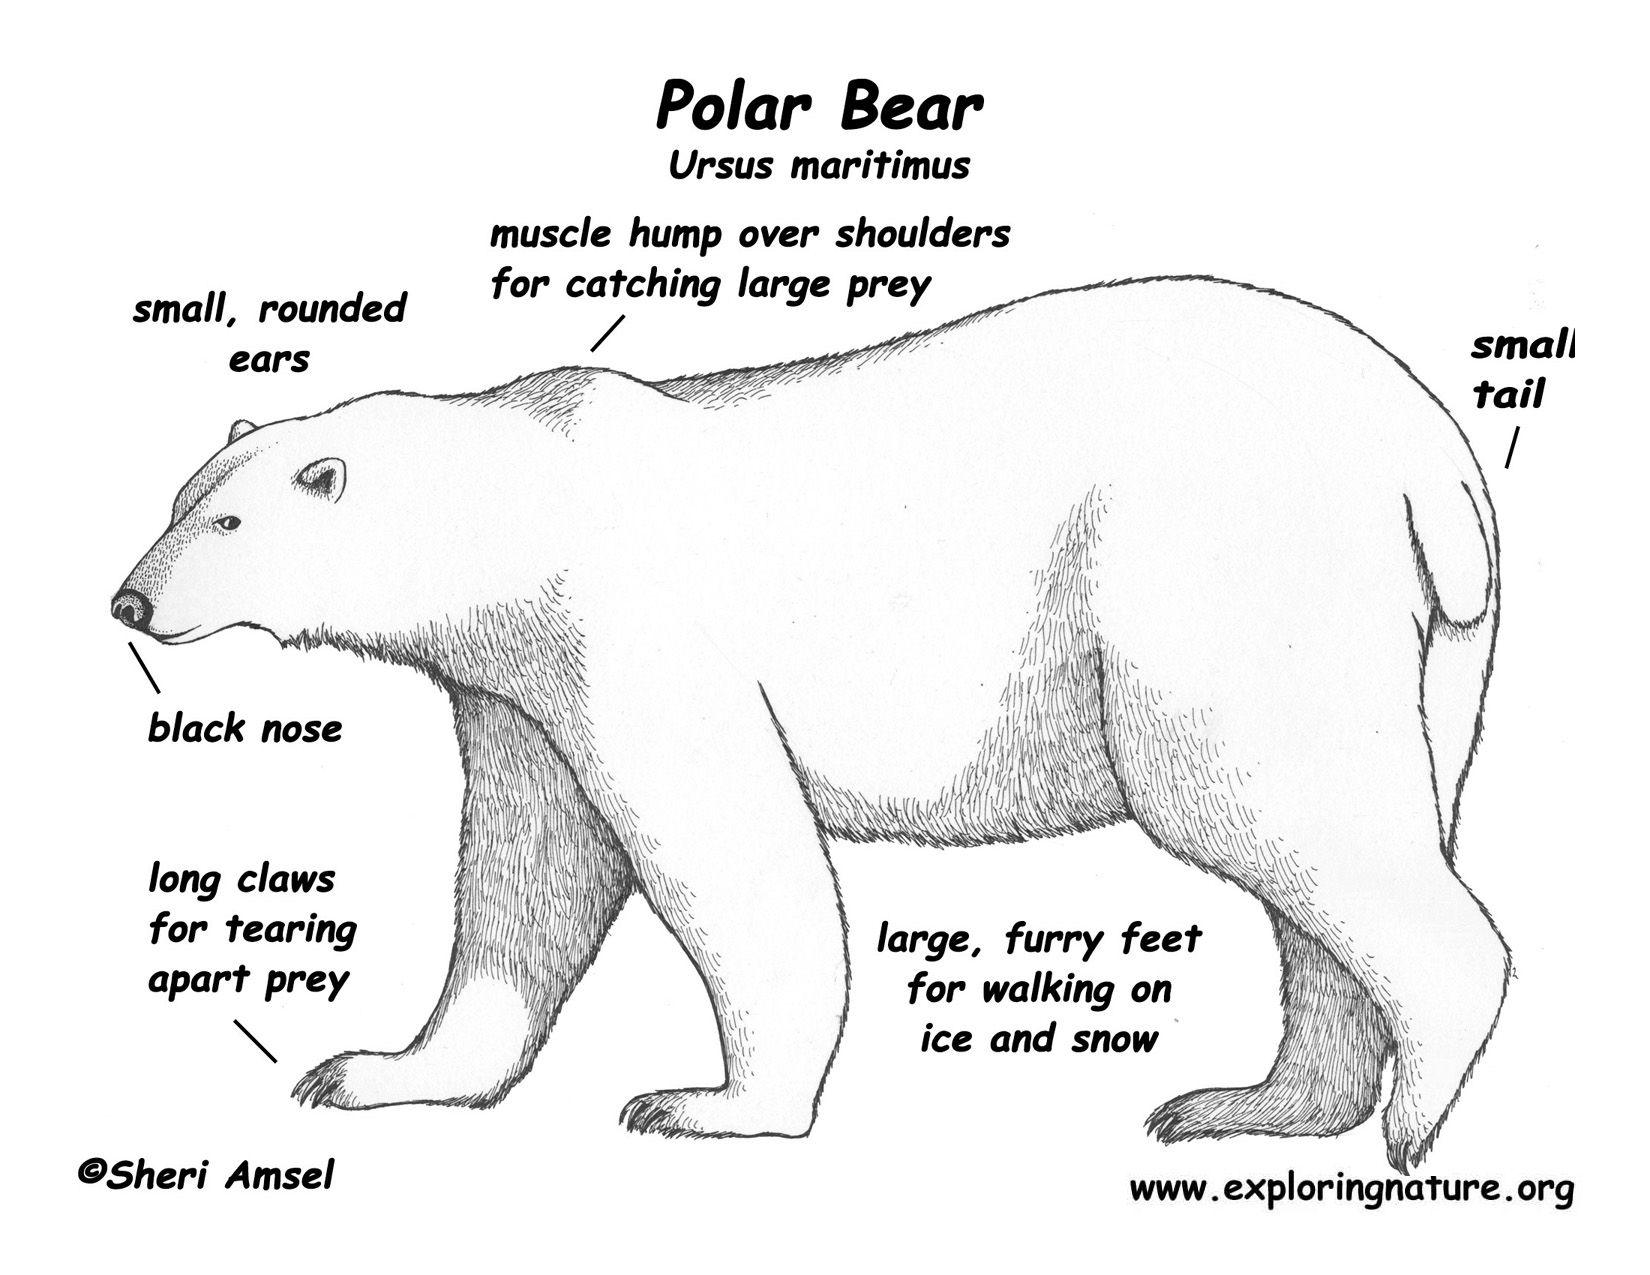 5ad21c69585b2771e6cff4e091536974 body diagram of polar bears bear_polar_color_diagram150 jpg images